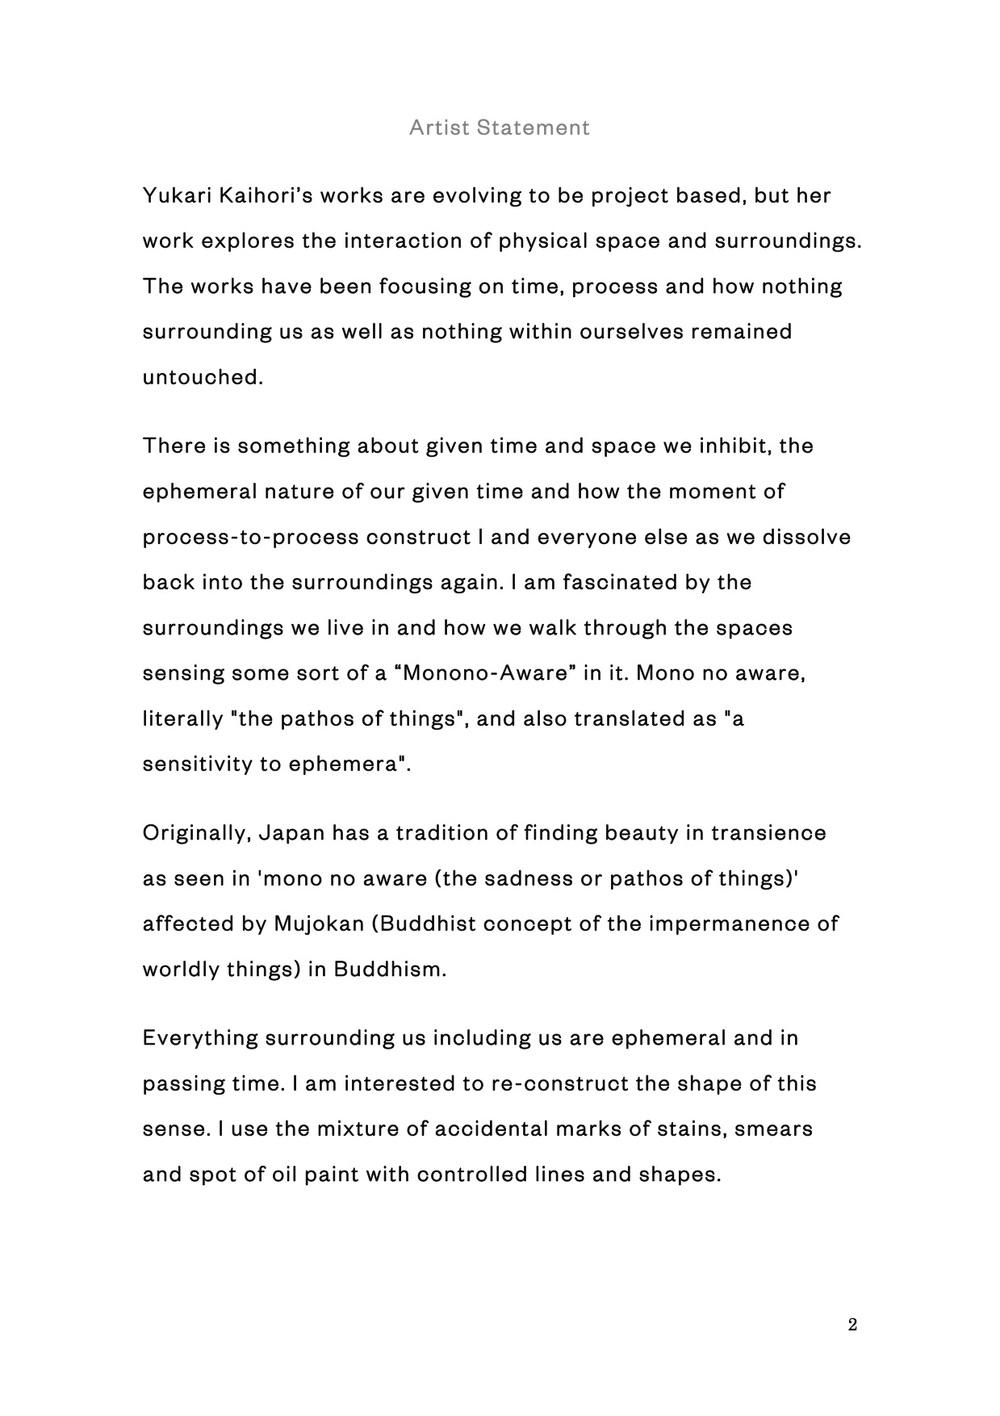 Statement YUKARI KAIHORI.jpg